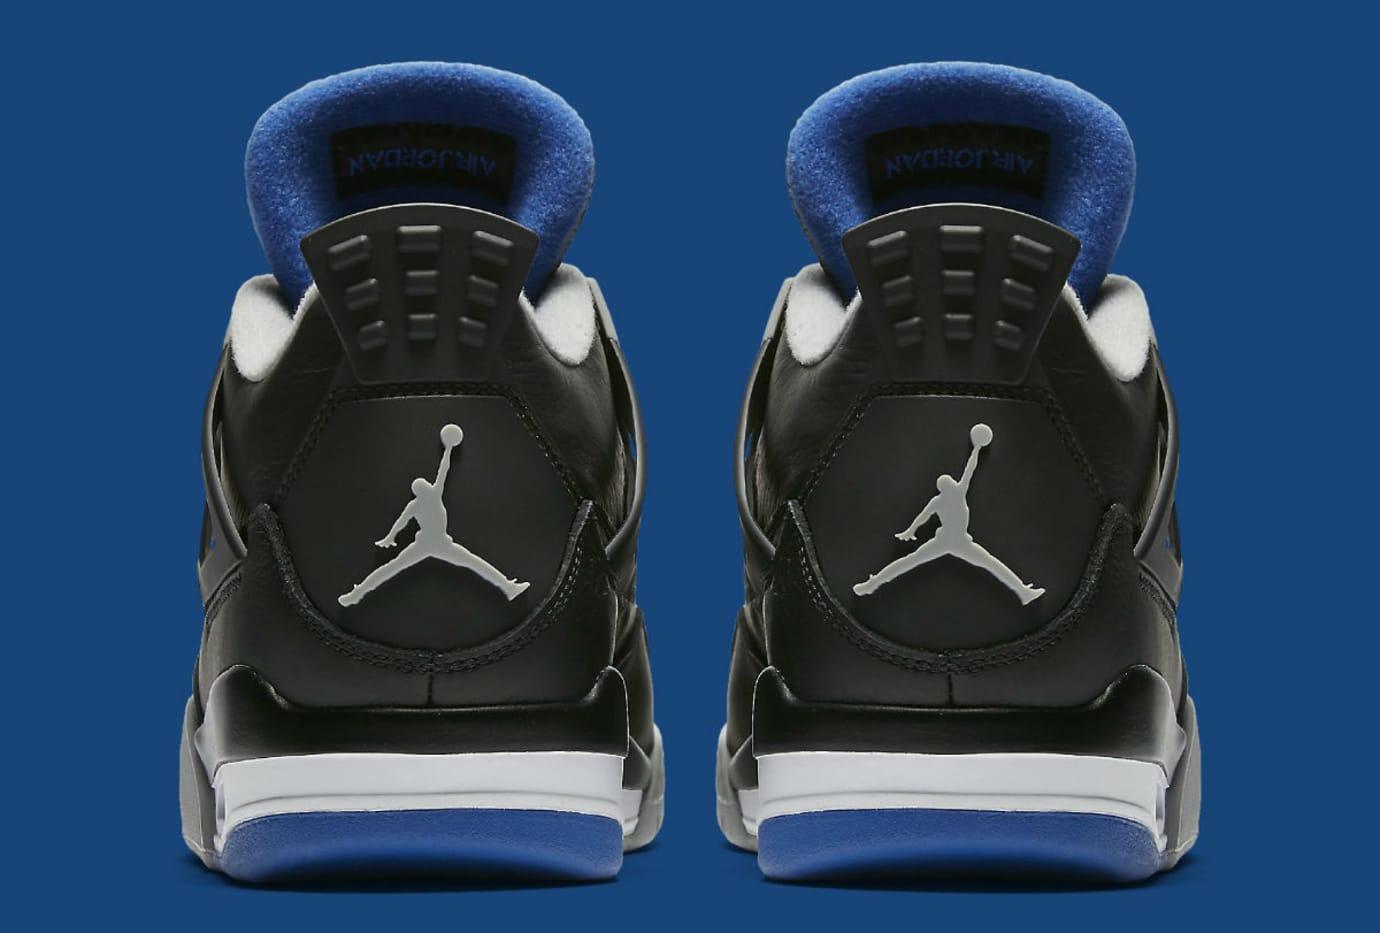 6ed93b50a15d18 Air Jordan 4 Game Royal Motorsports Release Date 308497-006